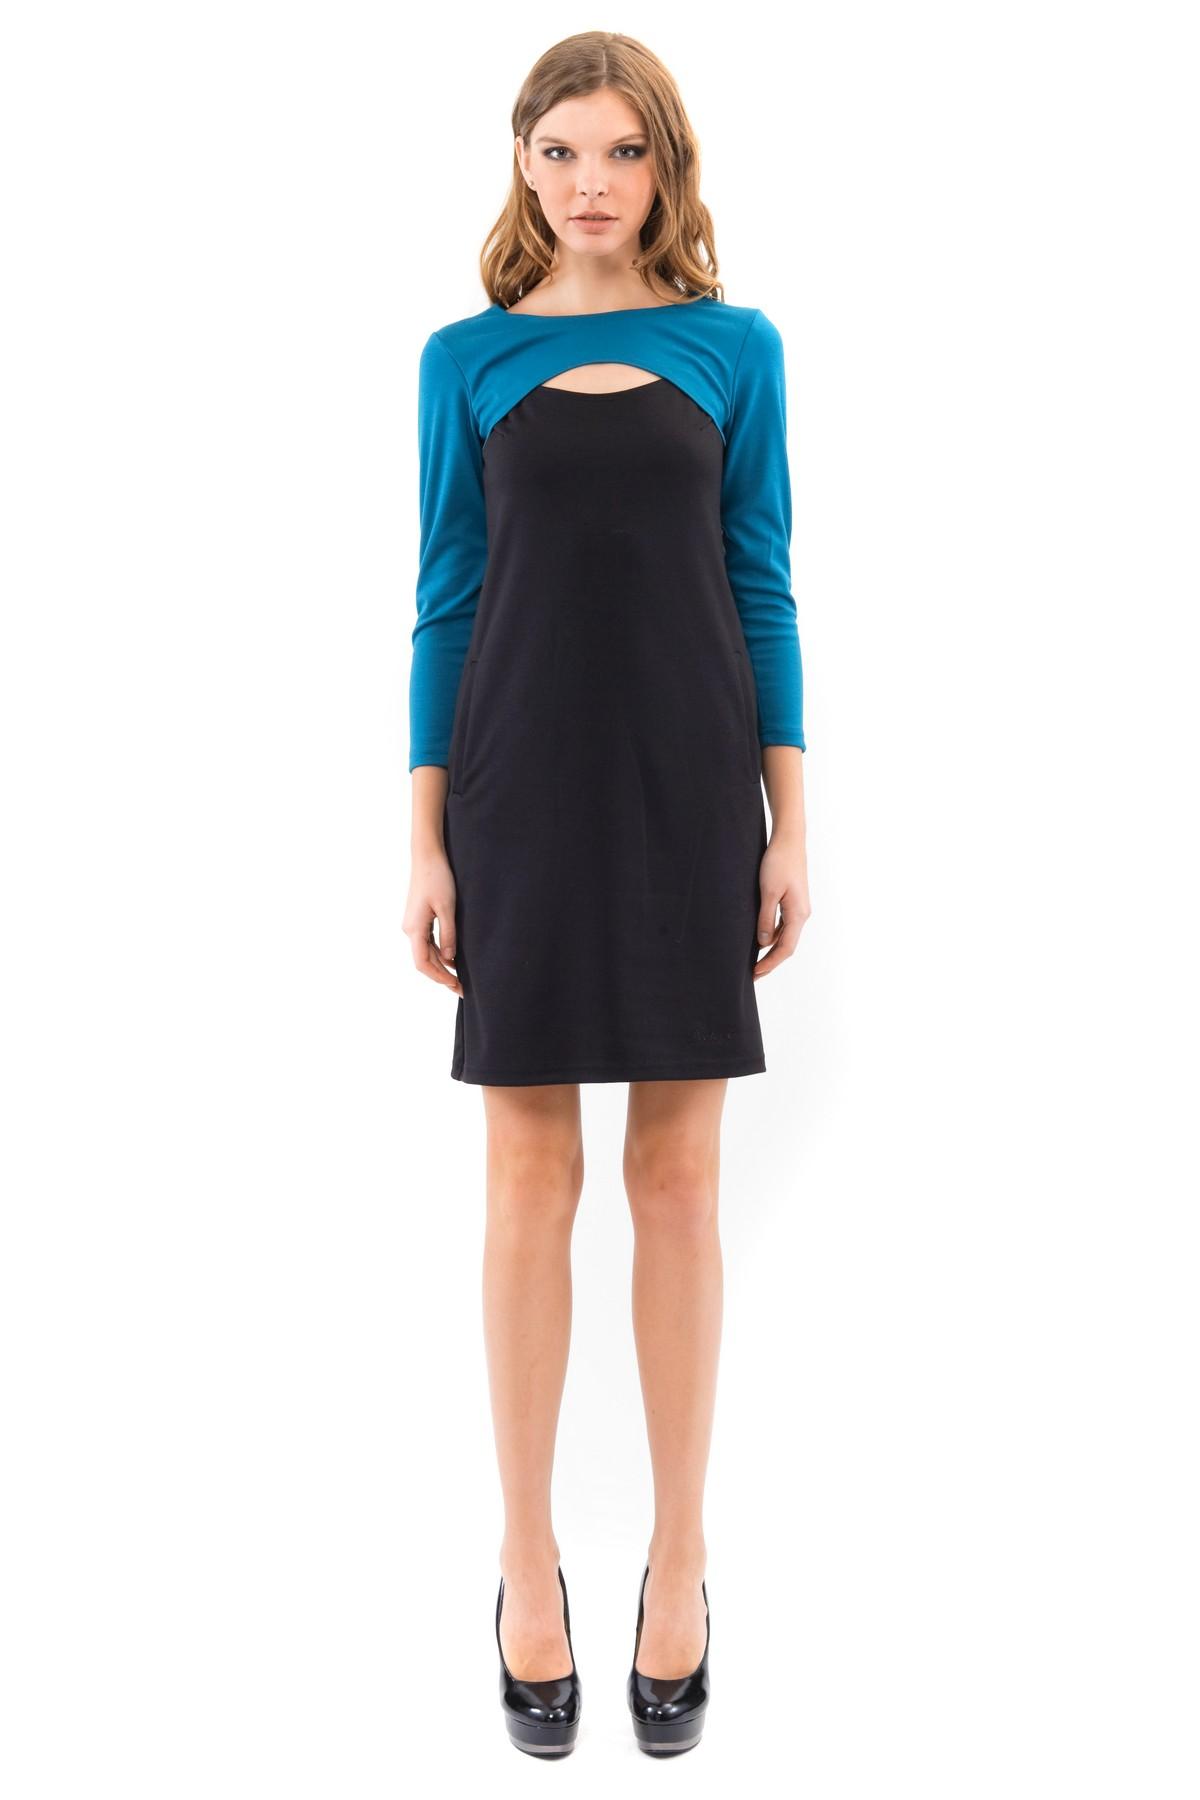 ПлатьеПлатья,  сарафаны<br>Платье свободного покроя с рукавами 3/4  и оригинальной вышивкой в области груди. Выполнено из высококачественного трикотажа. Отличный вариант для создания повседневного стильного образа.<br><br>Цвет: изумрудный,черный<br>Состав: 60%вискоза, 35%полиэстер, 5%лайкра<br>Размер: 40,42,44,46,48,50,52,54,56,58,60<br>Страна дизайна: Россия<br>Страна производства: Россия